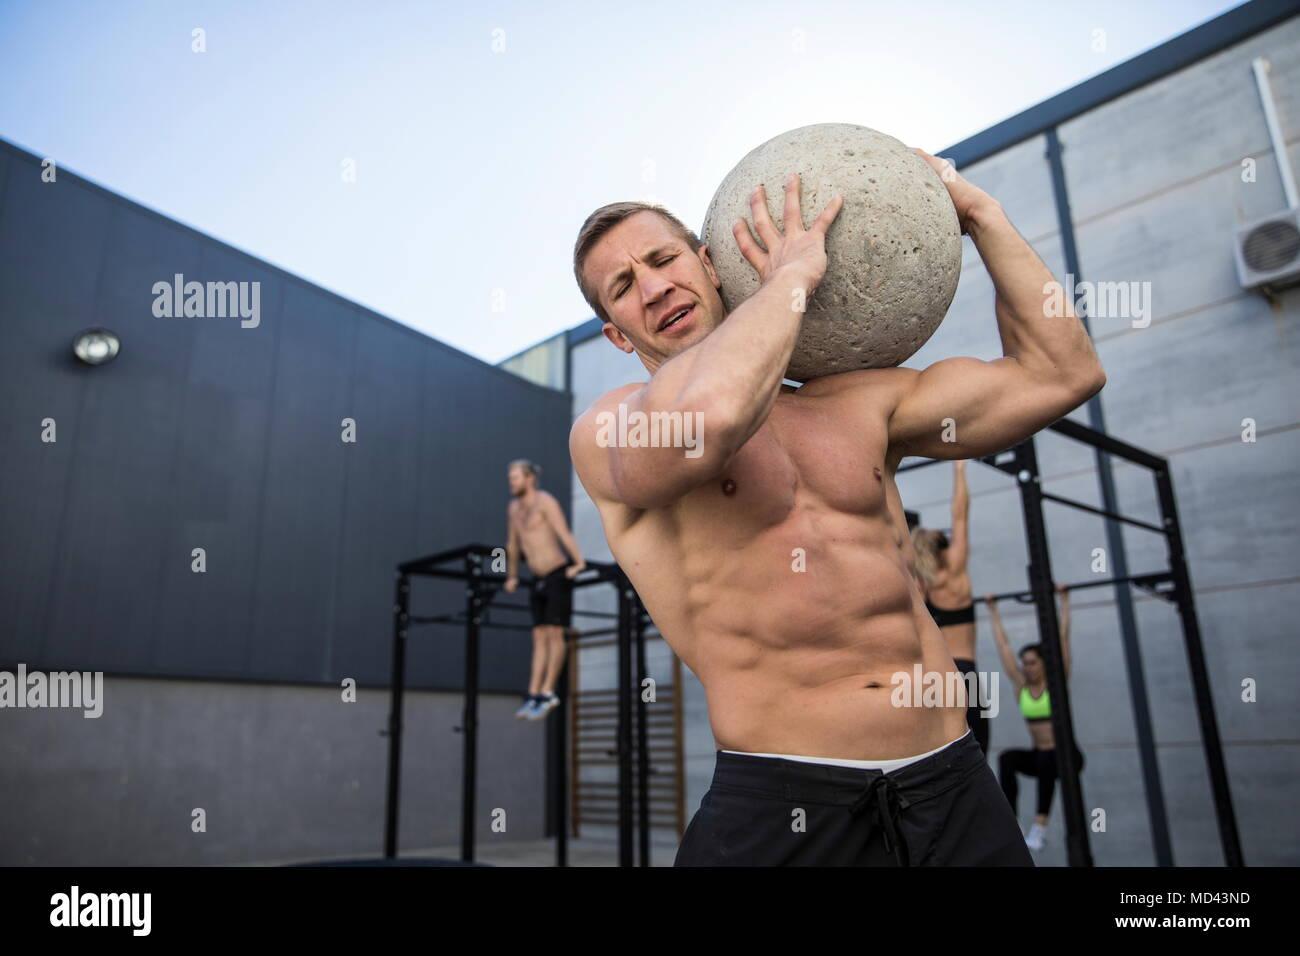 Cuatro personas haciendo ejercicio en el gimnasio, el hombre en primer plano utilizando piedra atlas Imagen De Stock